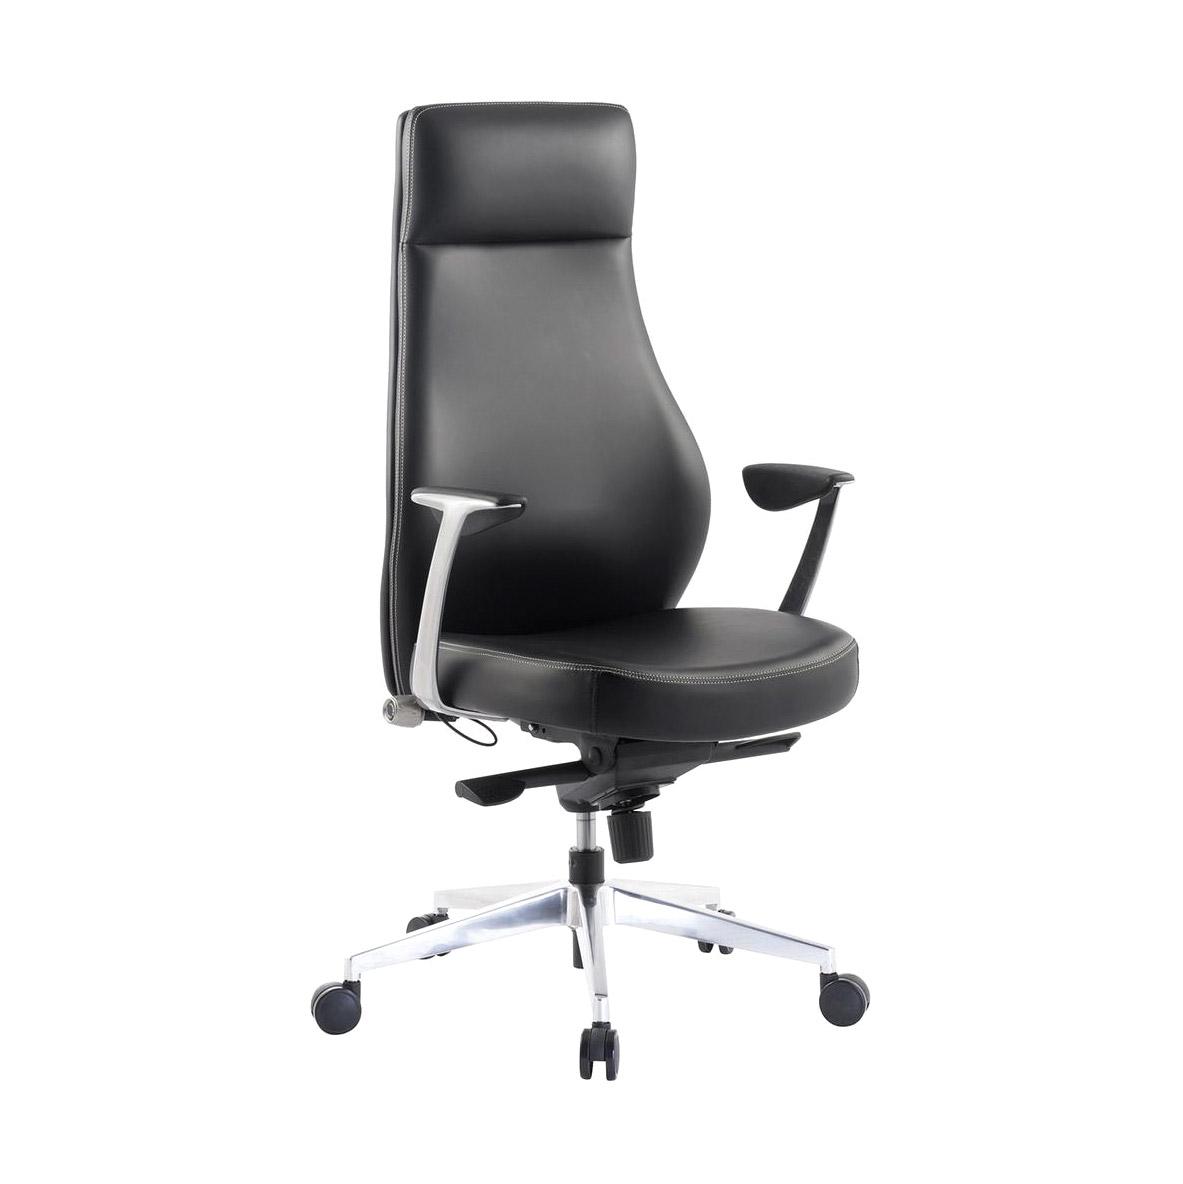 Кресло компьютерное TC черное 127х56х49 см кресло компьютерное tc черное 95 5х59х57 см